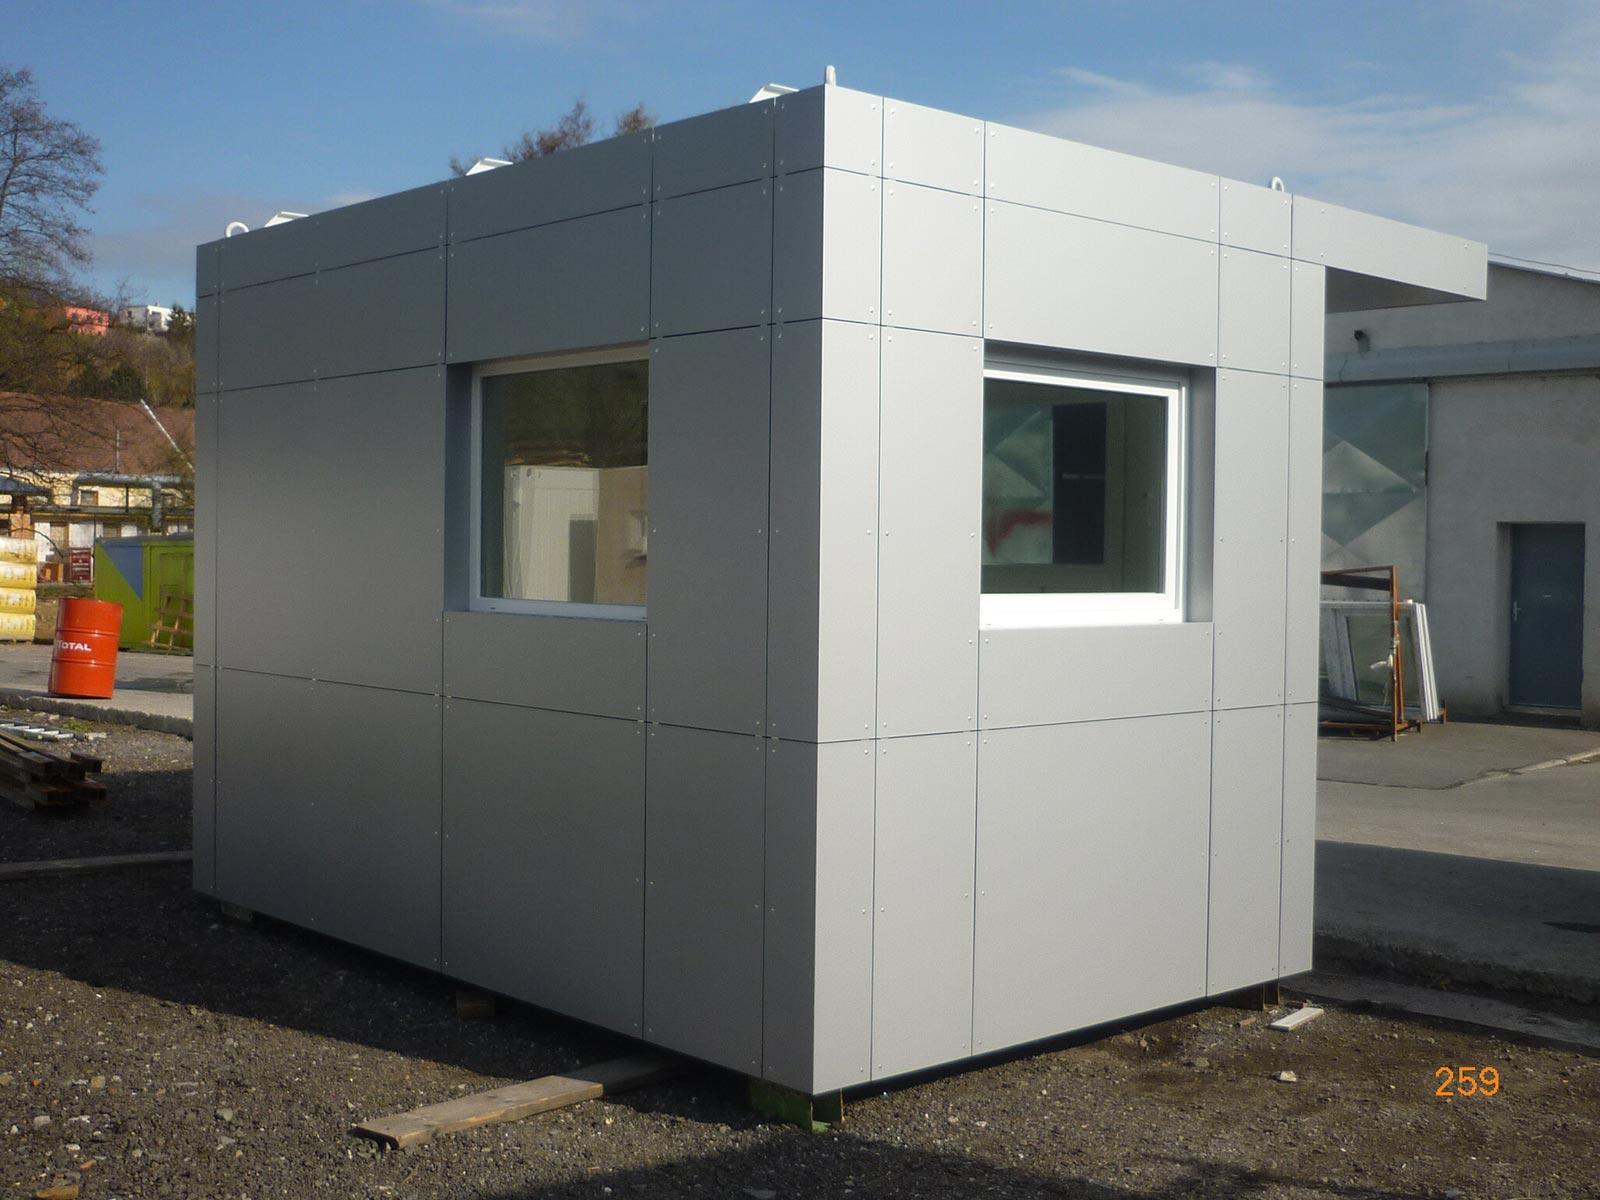 Exterieur container